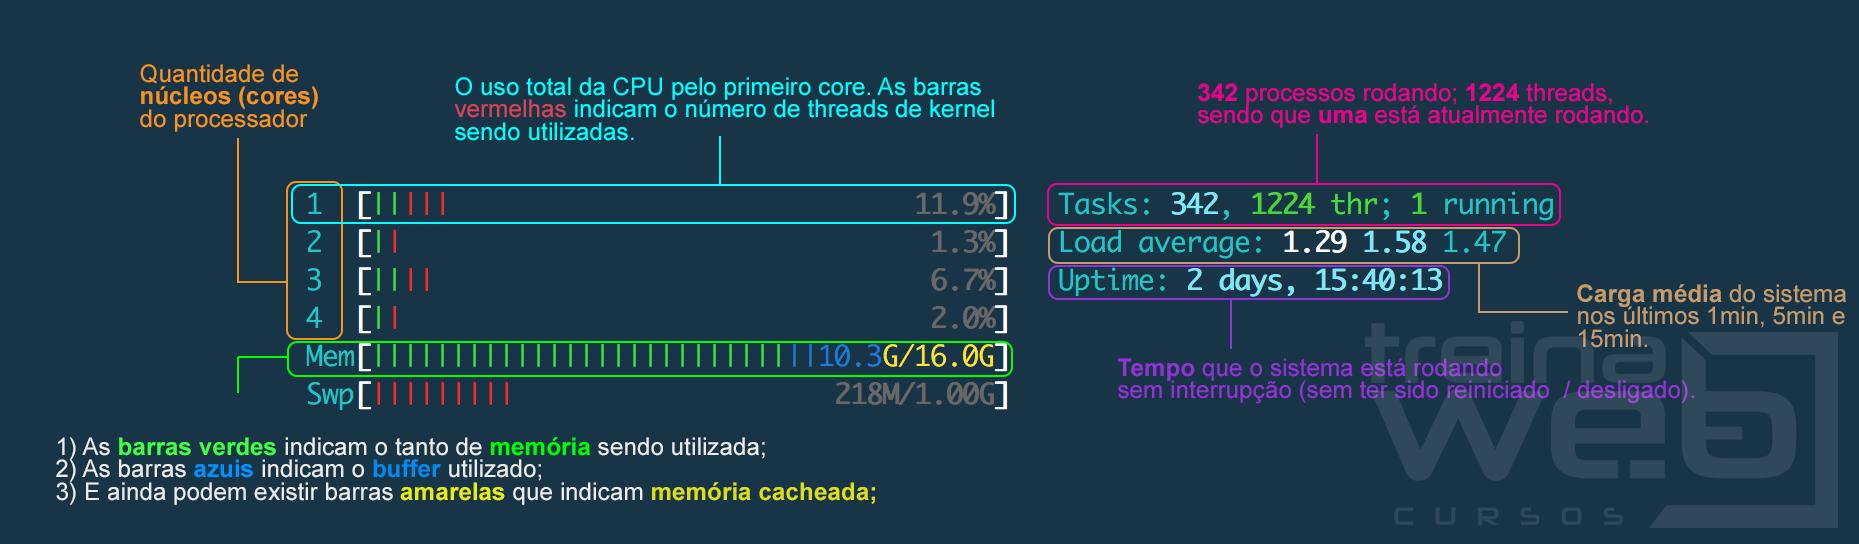 Tela do htop exibindo informações de processador, consumo de memória, etc